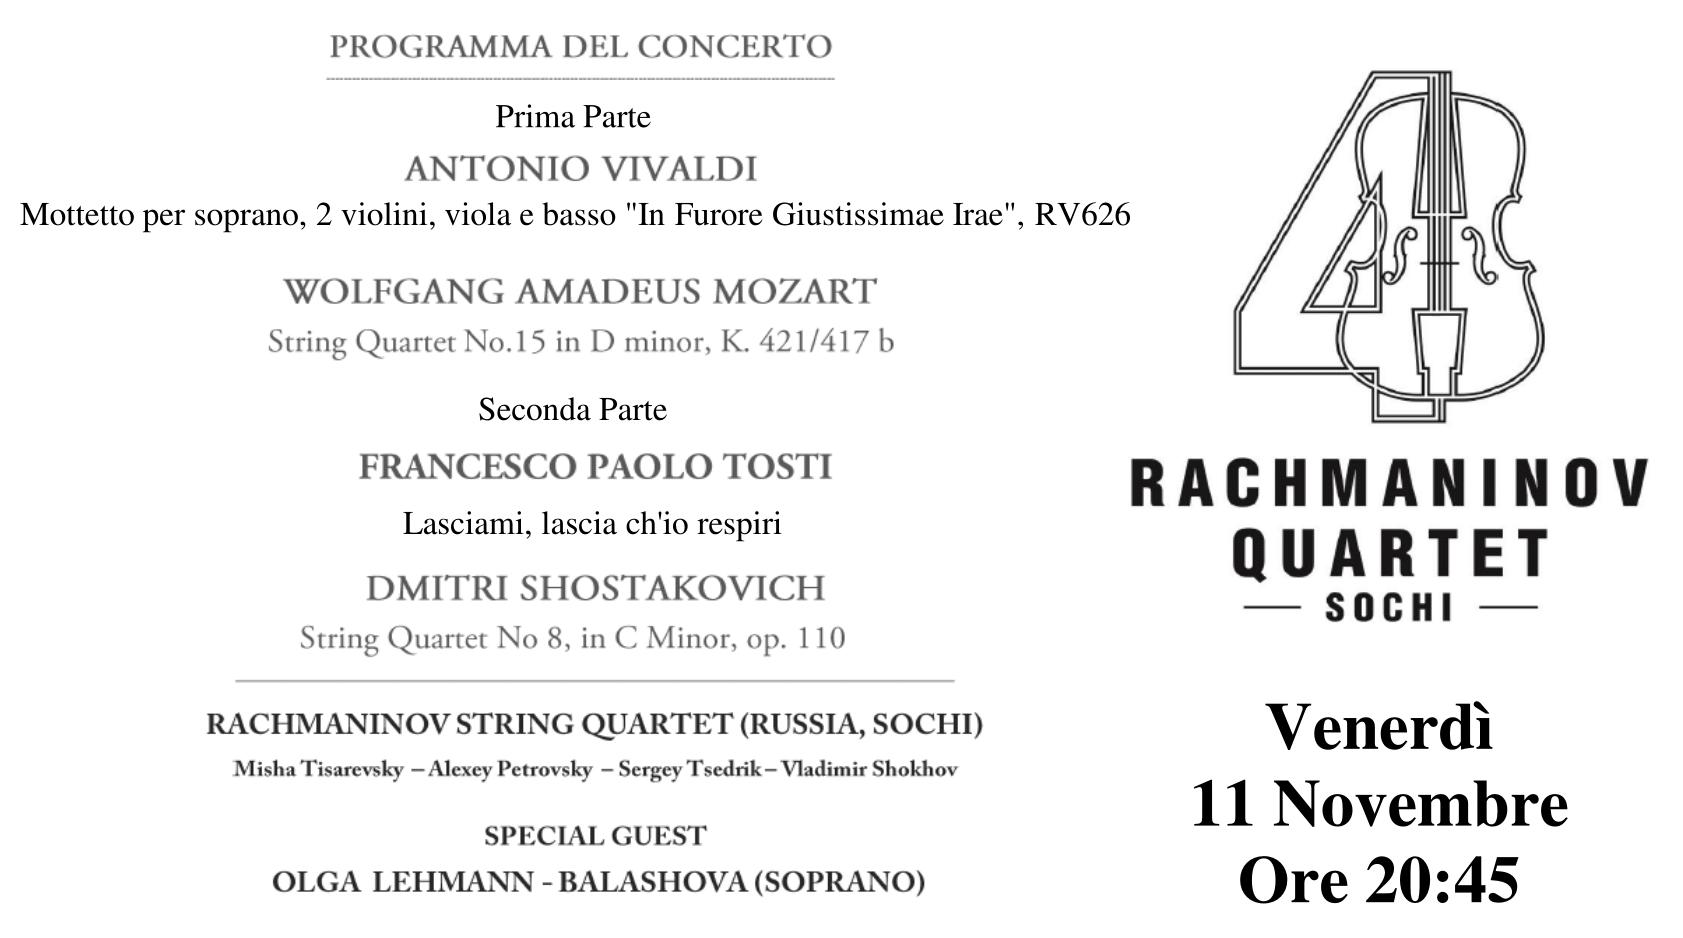 programma-concerto-quartetto-russo-1